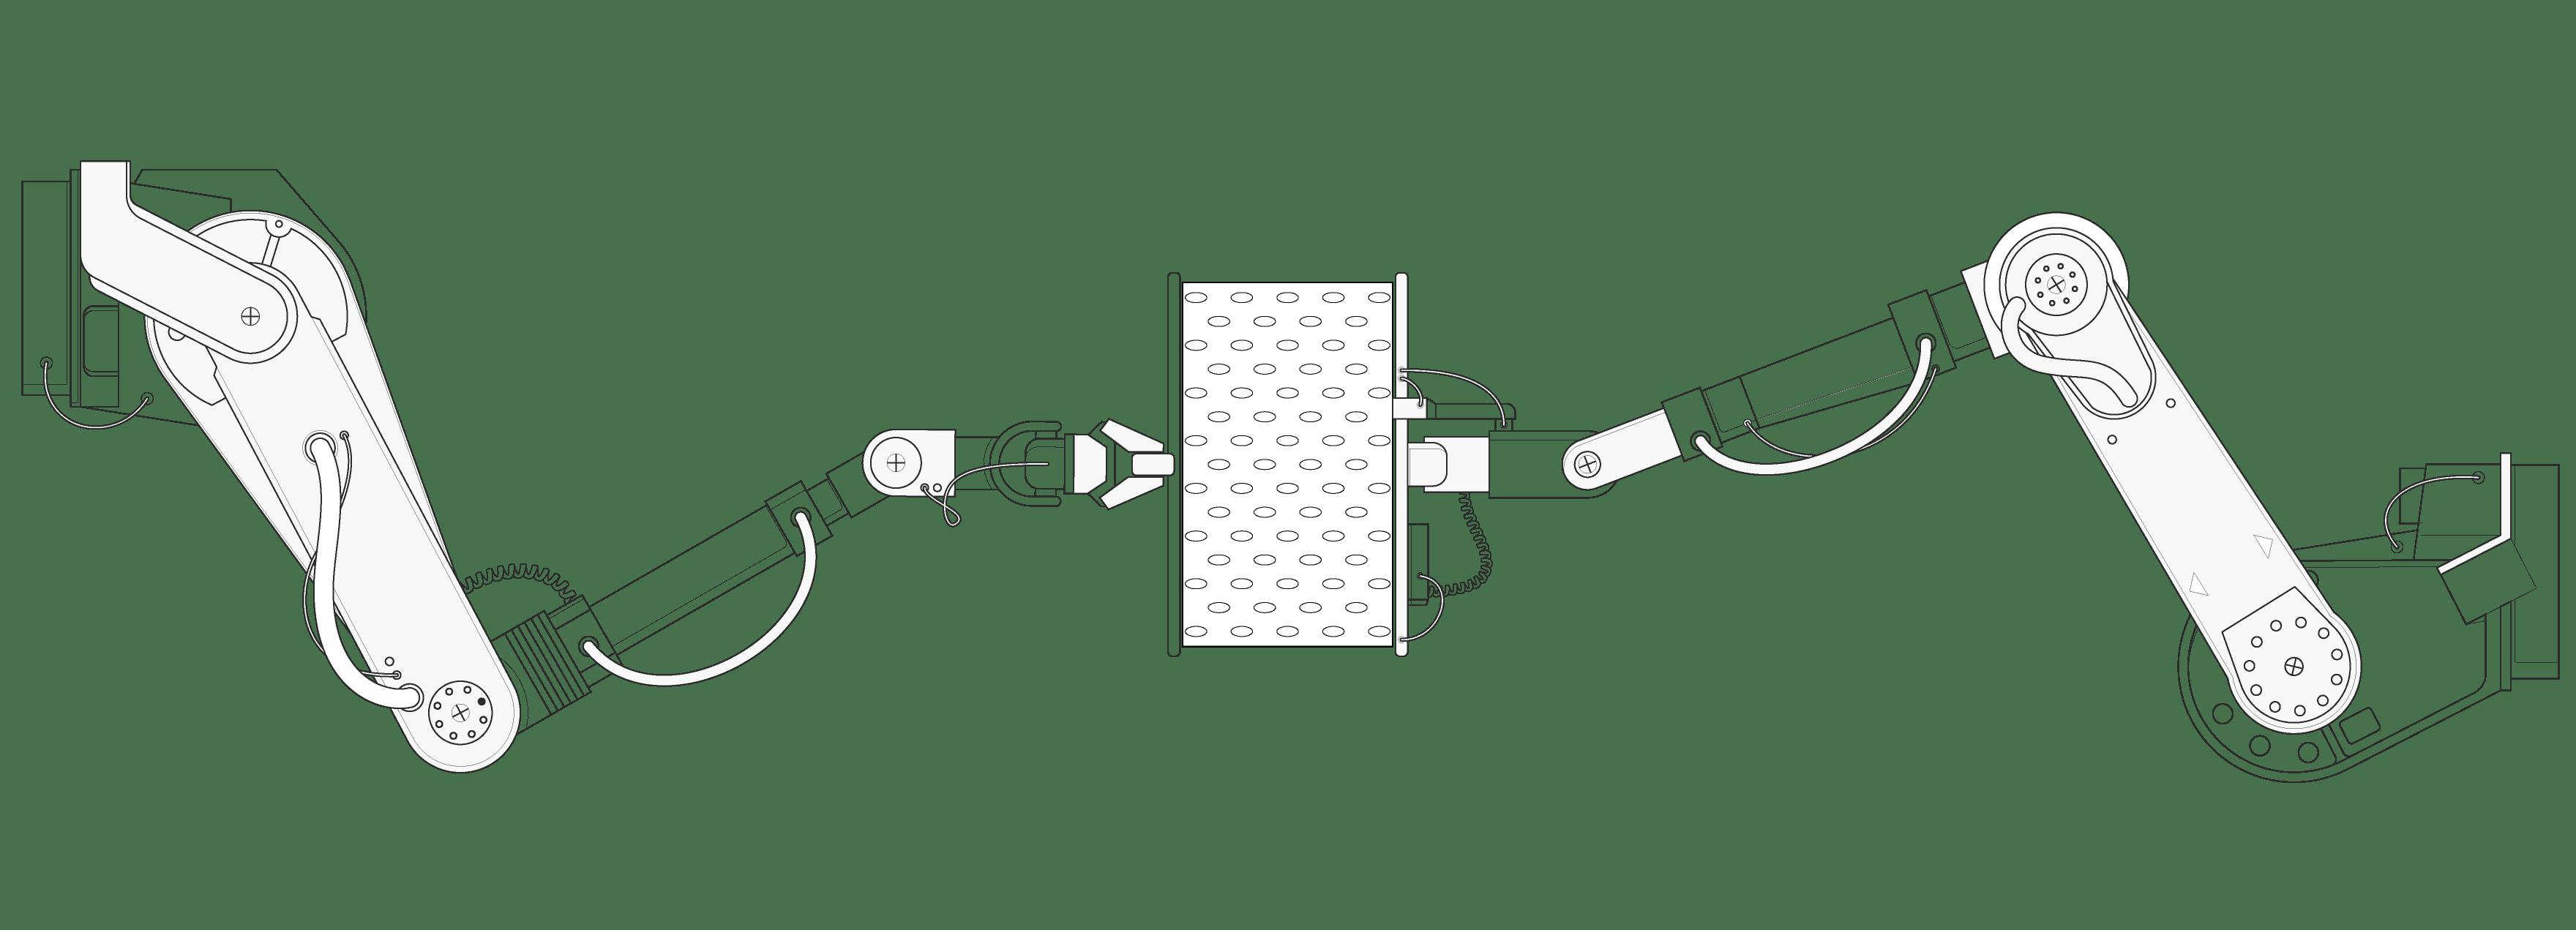 Illustration: Ein Stück HyBreeze Funktionsbezug zwischen zwei riesigen hydraulischen Roboterarmen, die an den Seiten ziehen.